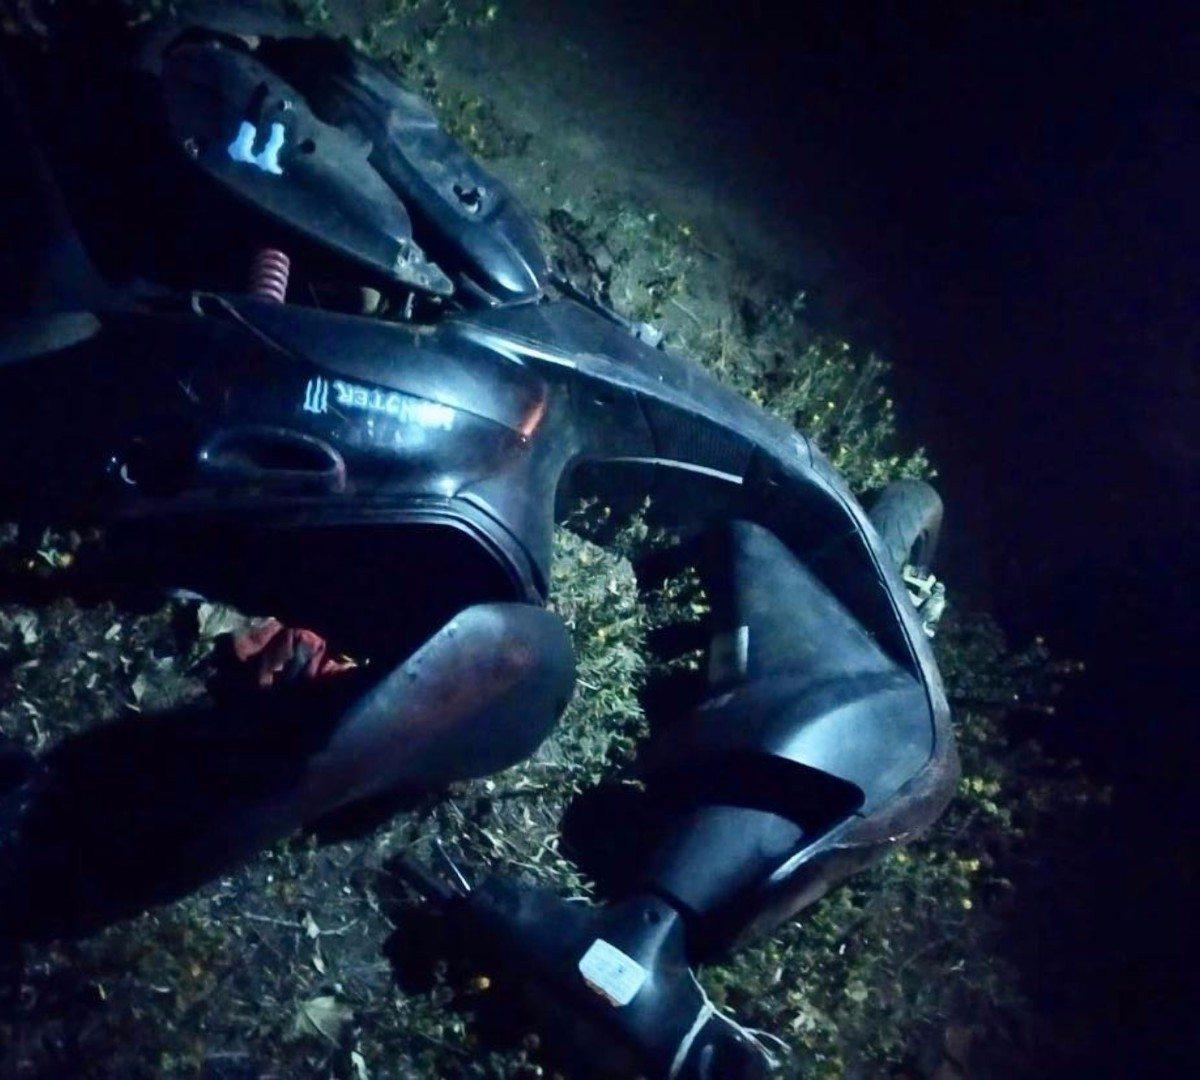 Пьяный житель Херсонщины угнал у знакомого мопед и на нём попал в аварию